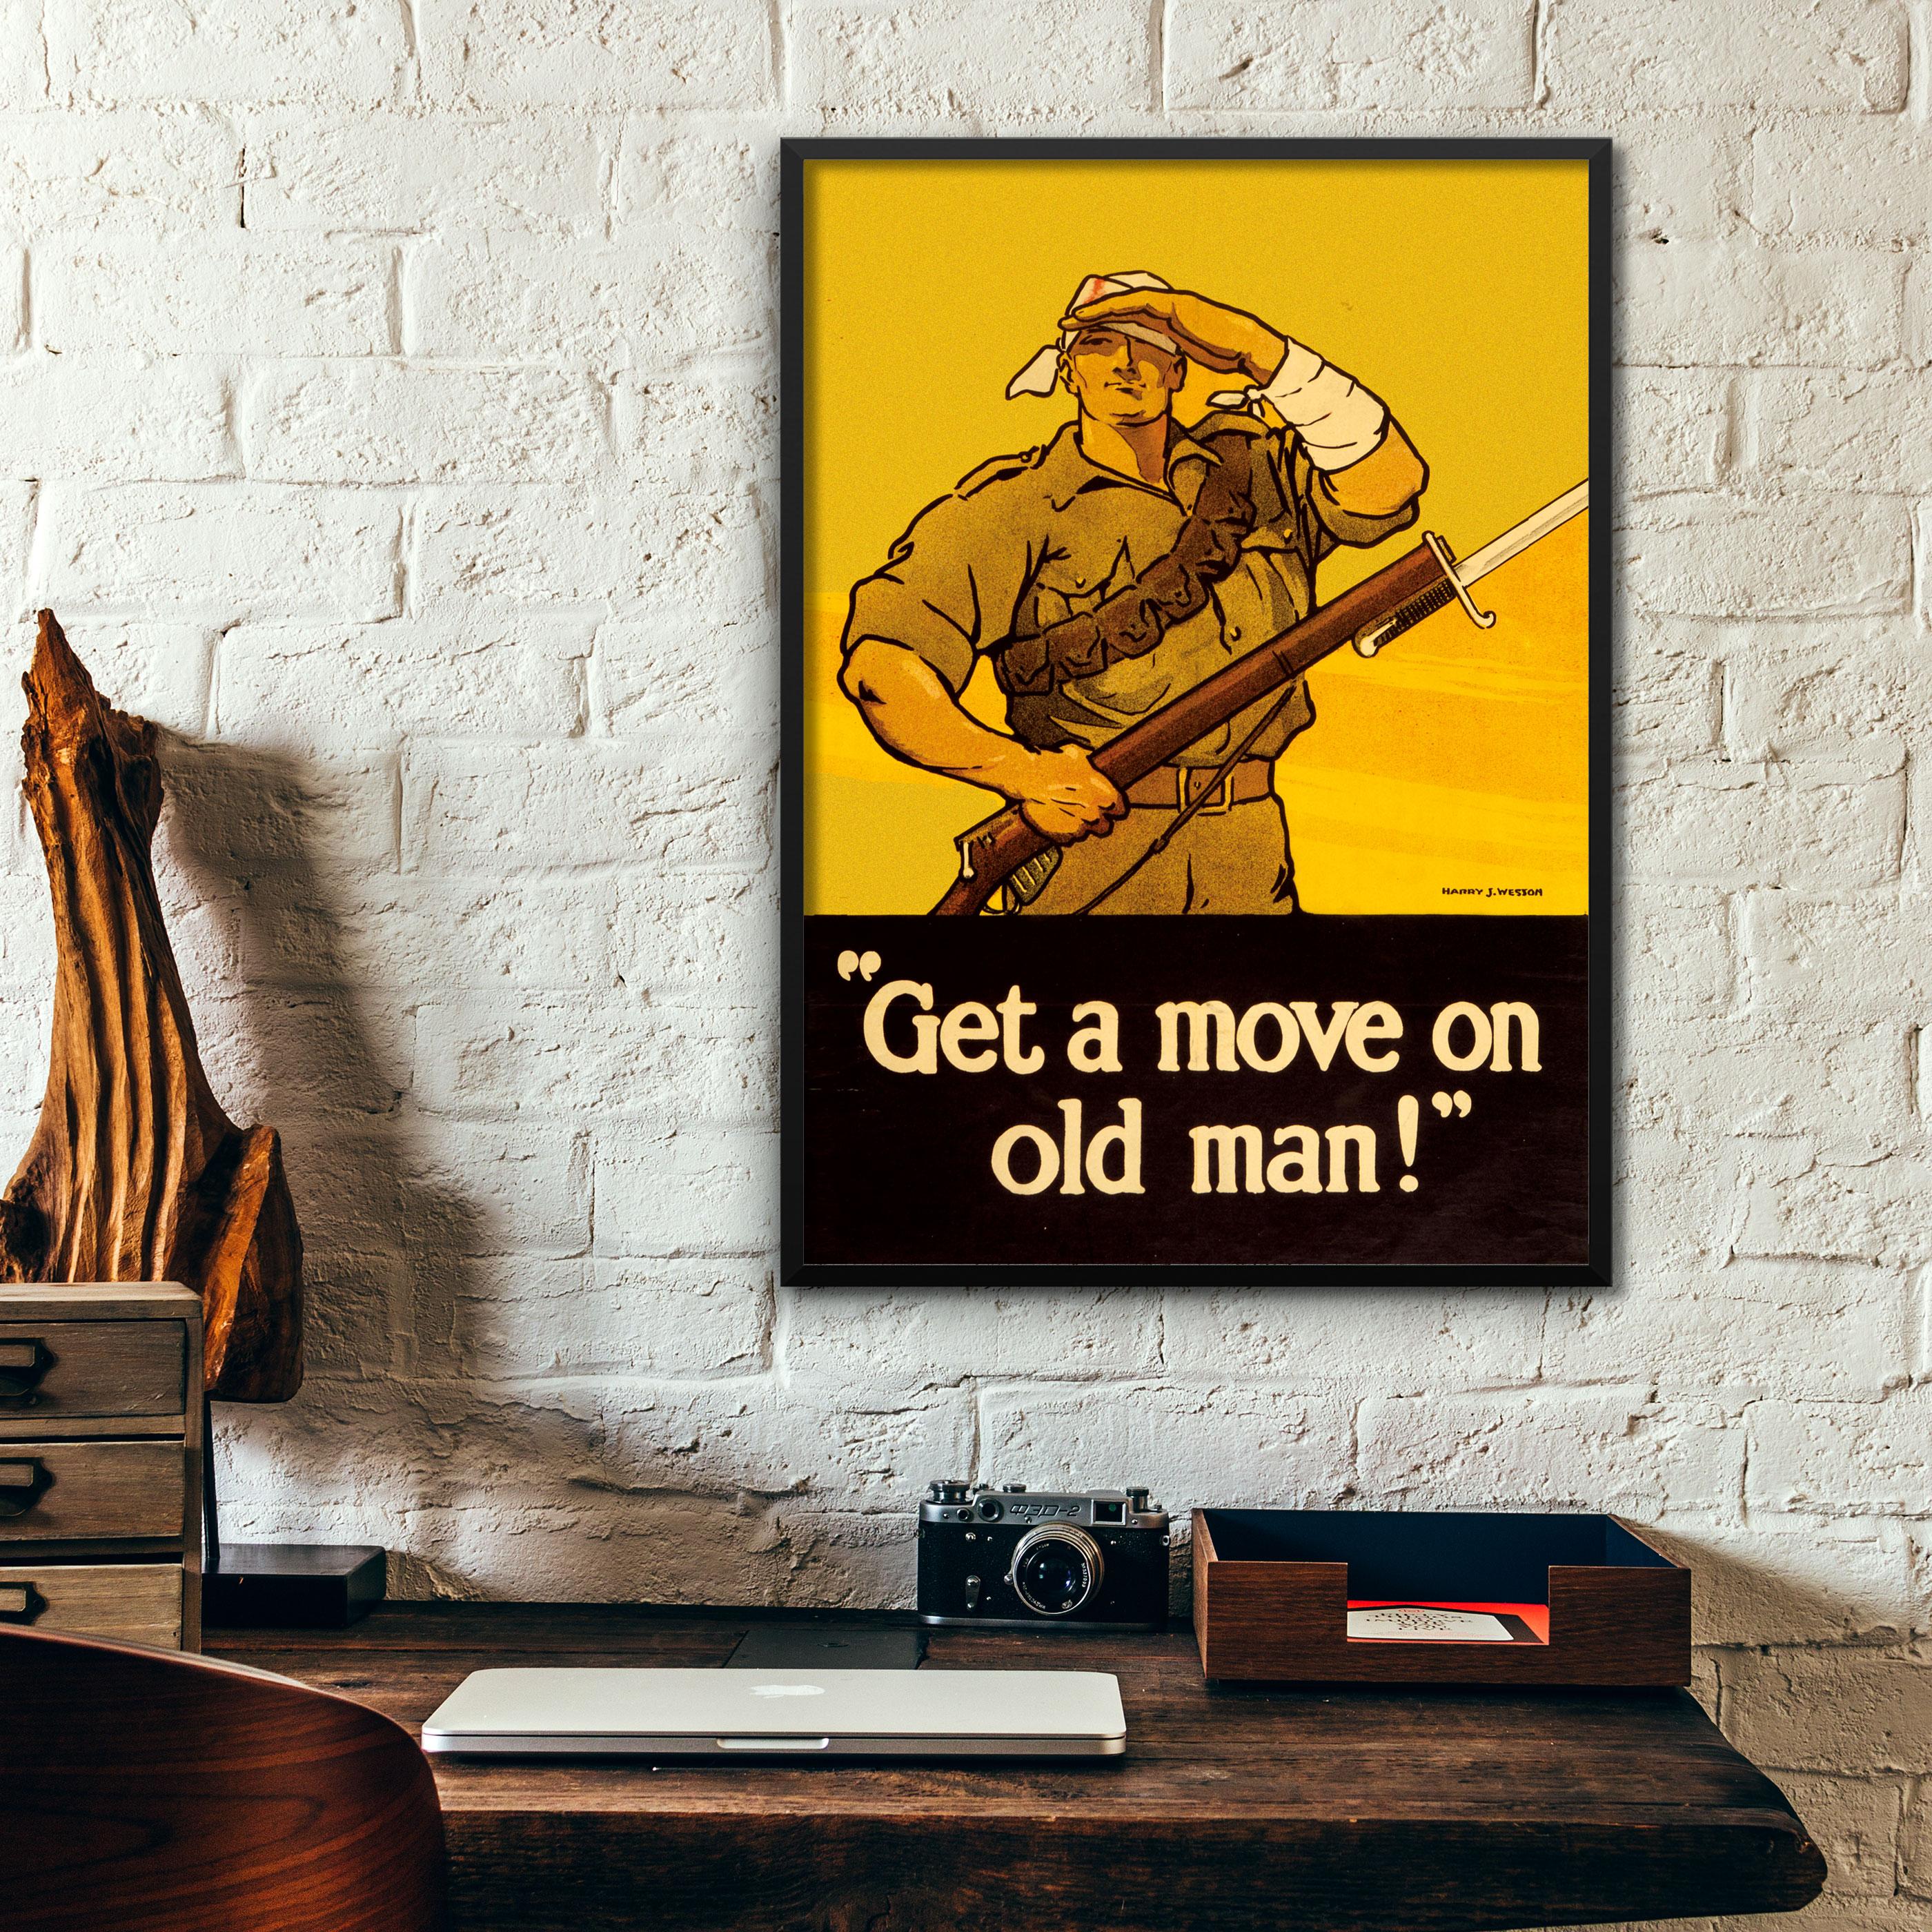 q_desk_poster_move